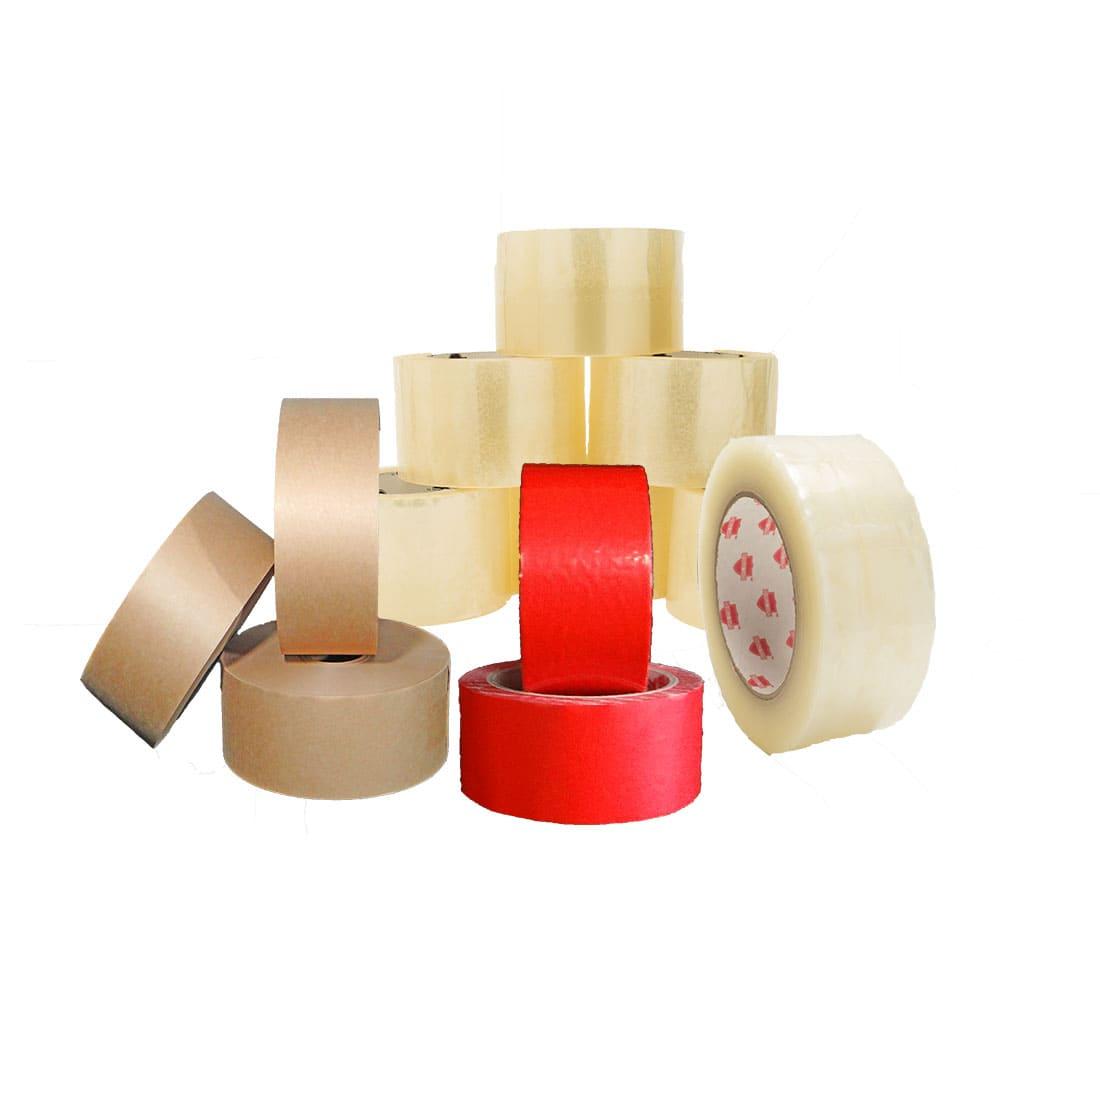 Shield Carton Sealing Tape